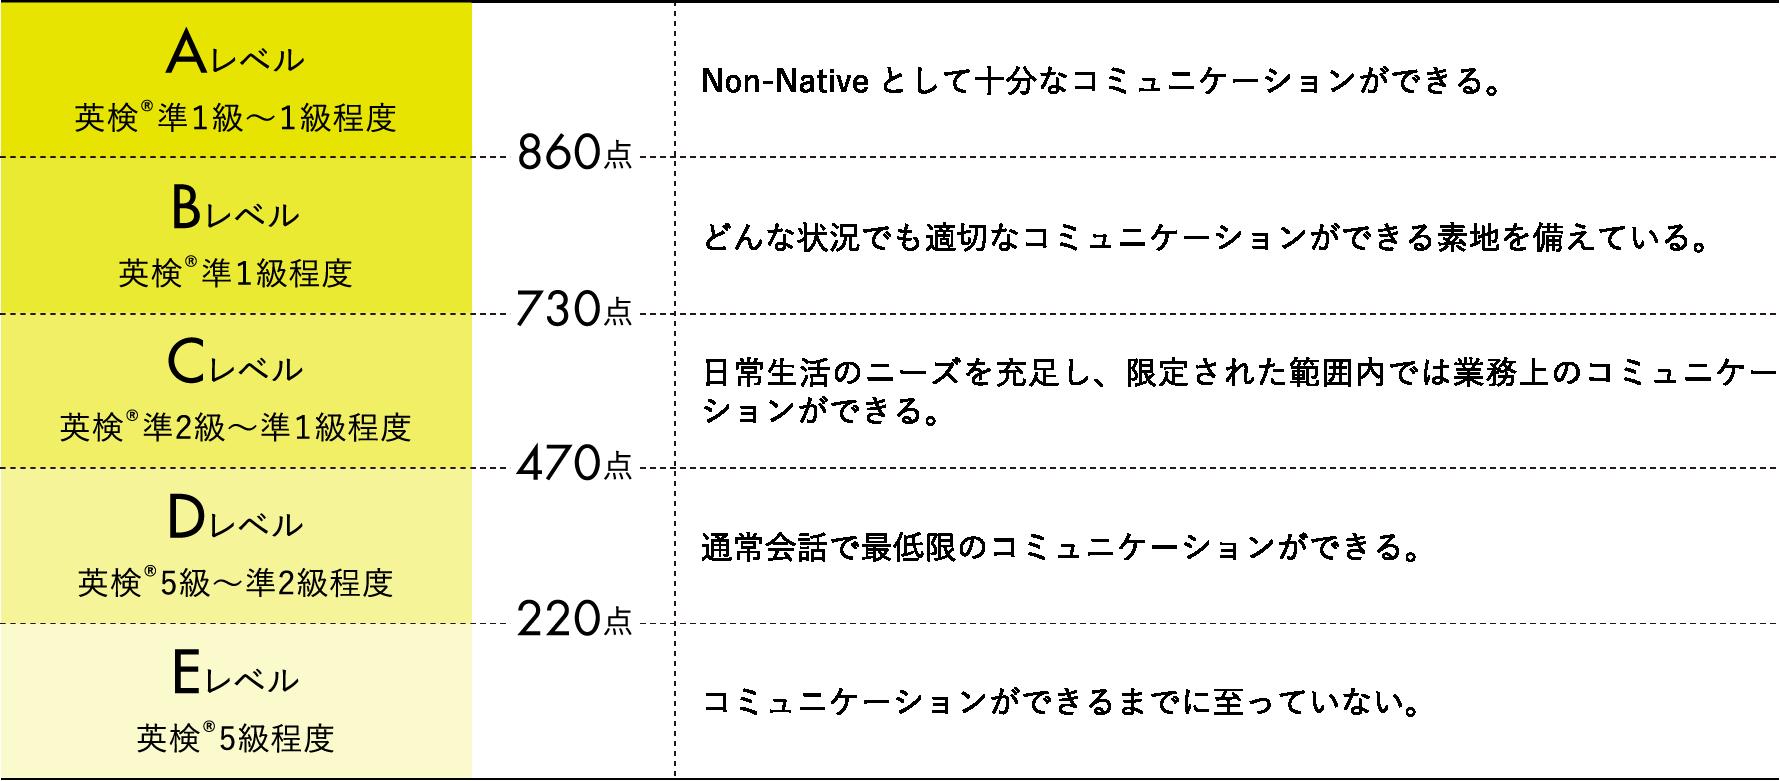 ※TOEIC®の満点スコアは990点です。